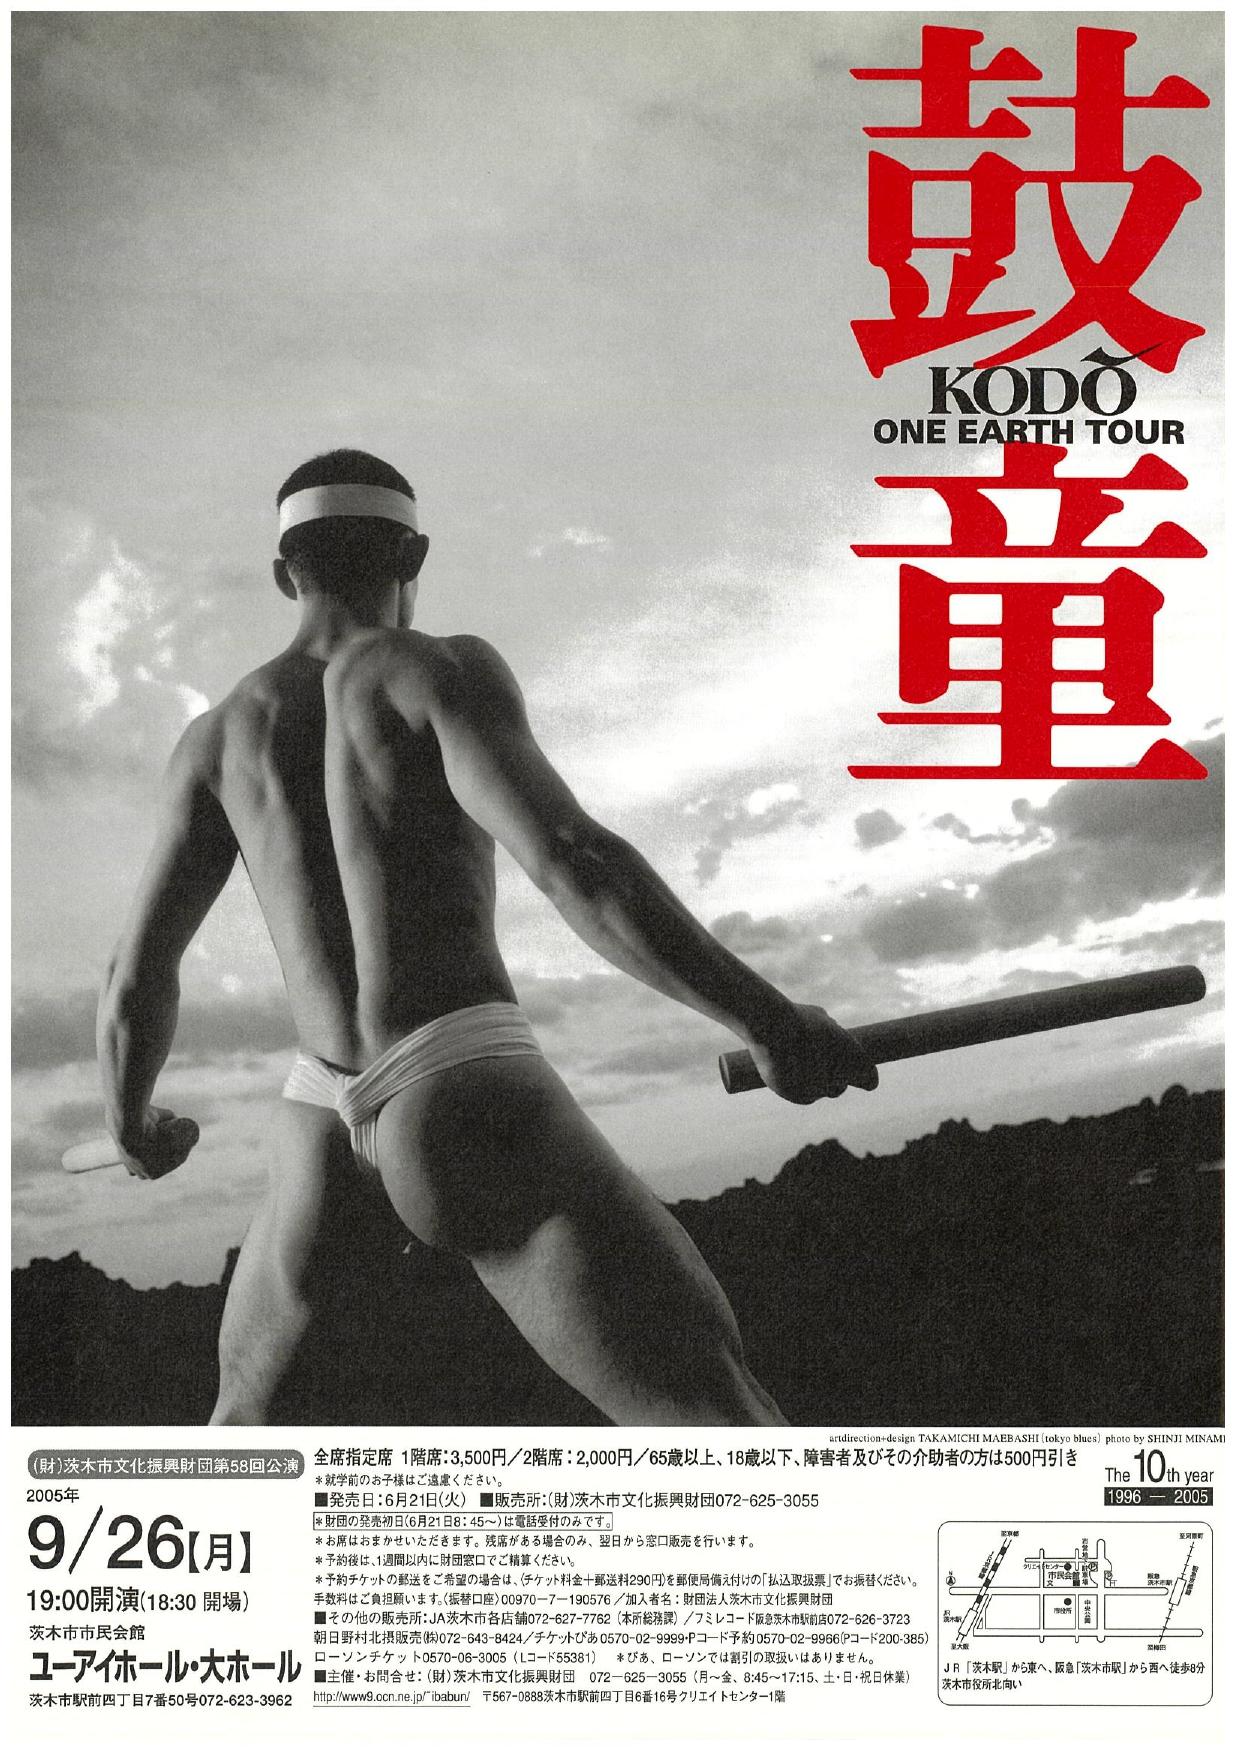 鼓童ワン・アース・ツアー2005